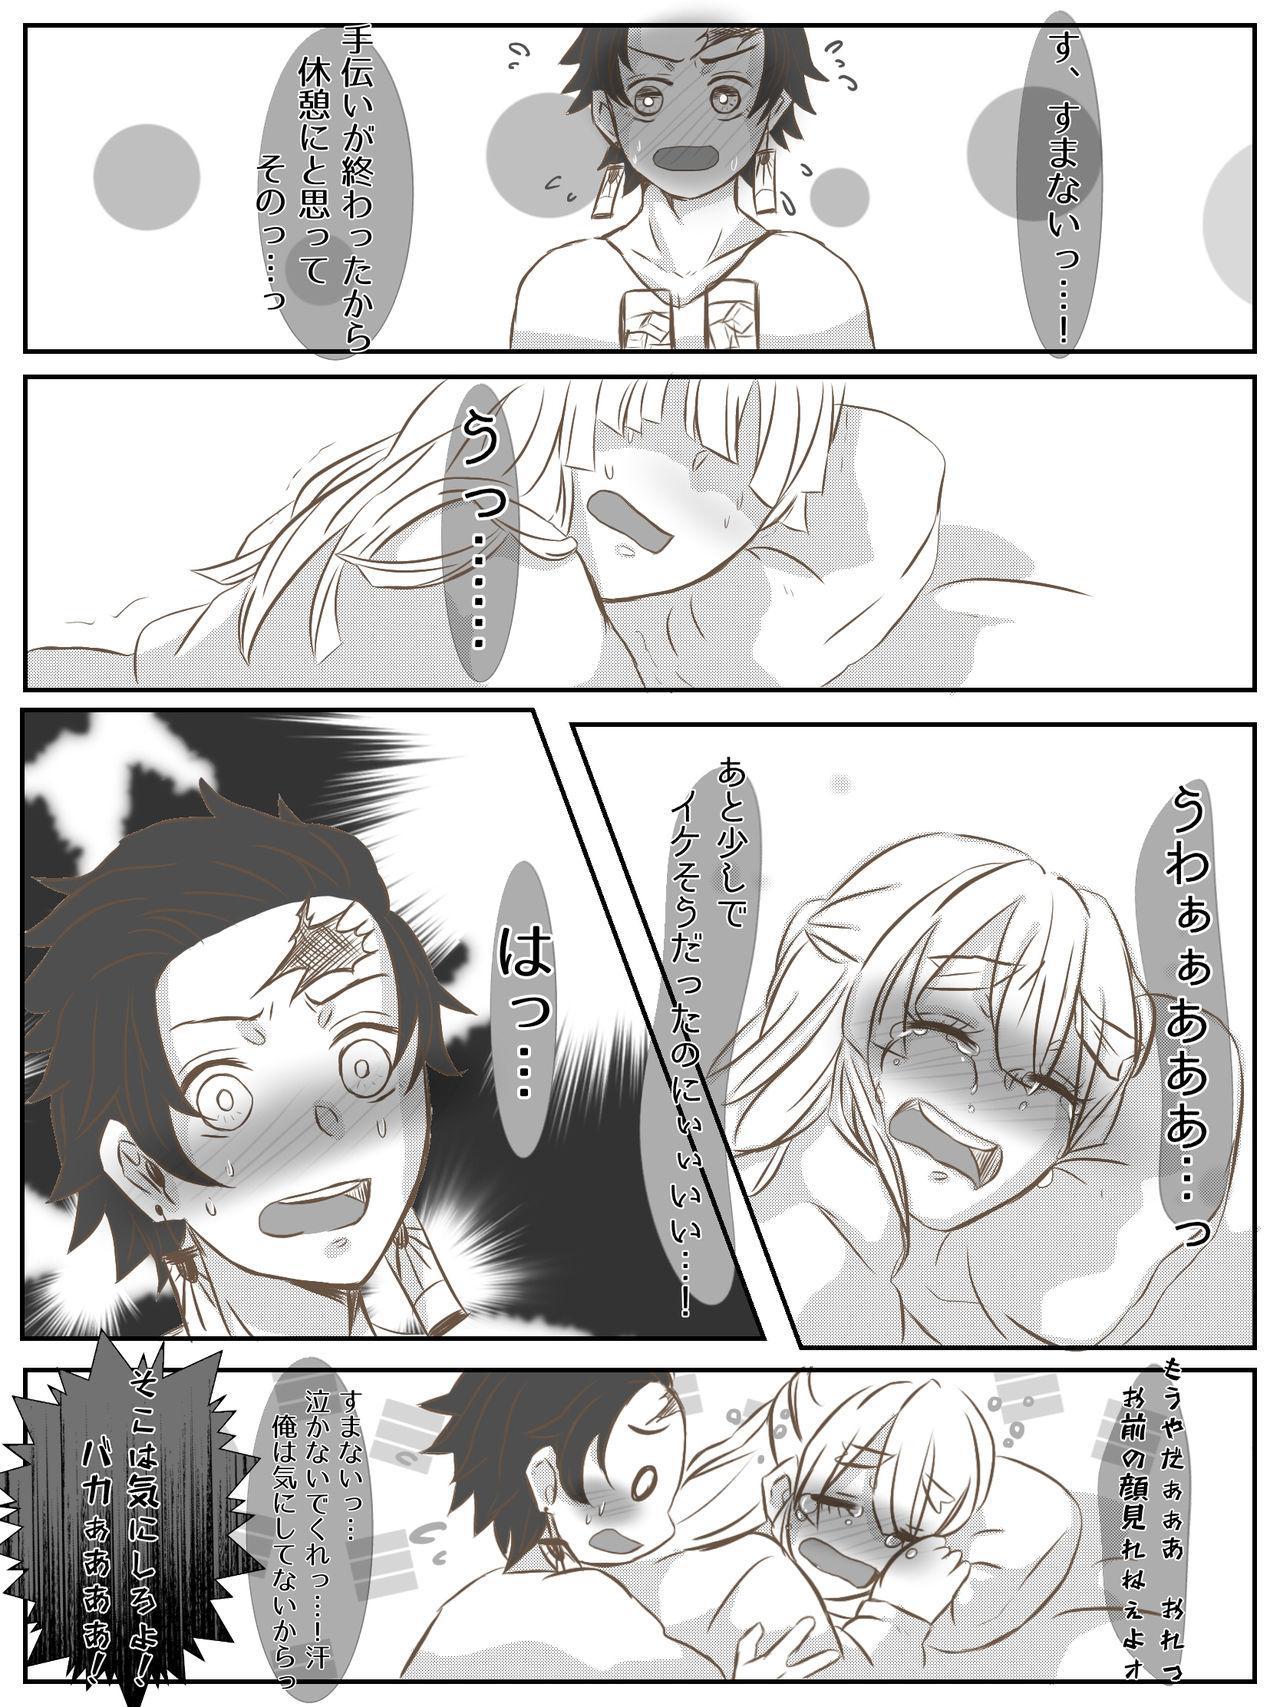 Onnanoko Datte Etchi Ga Shitai Ndesu. 6